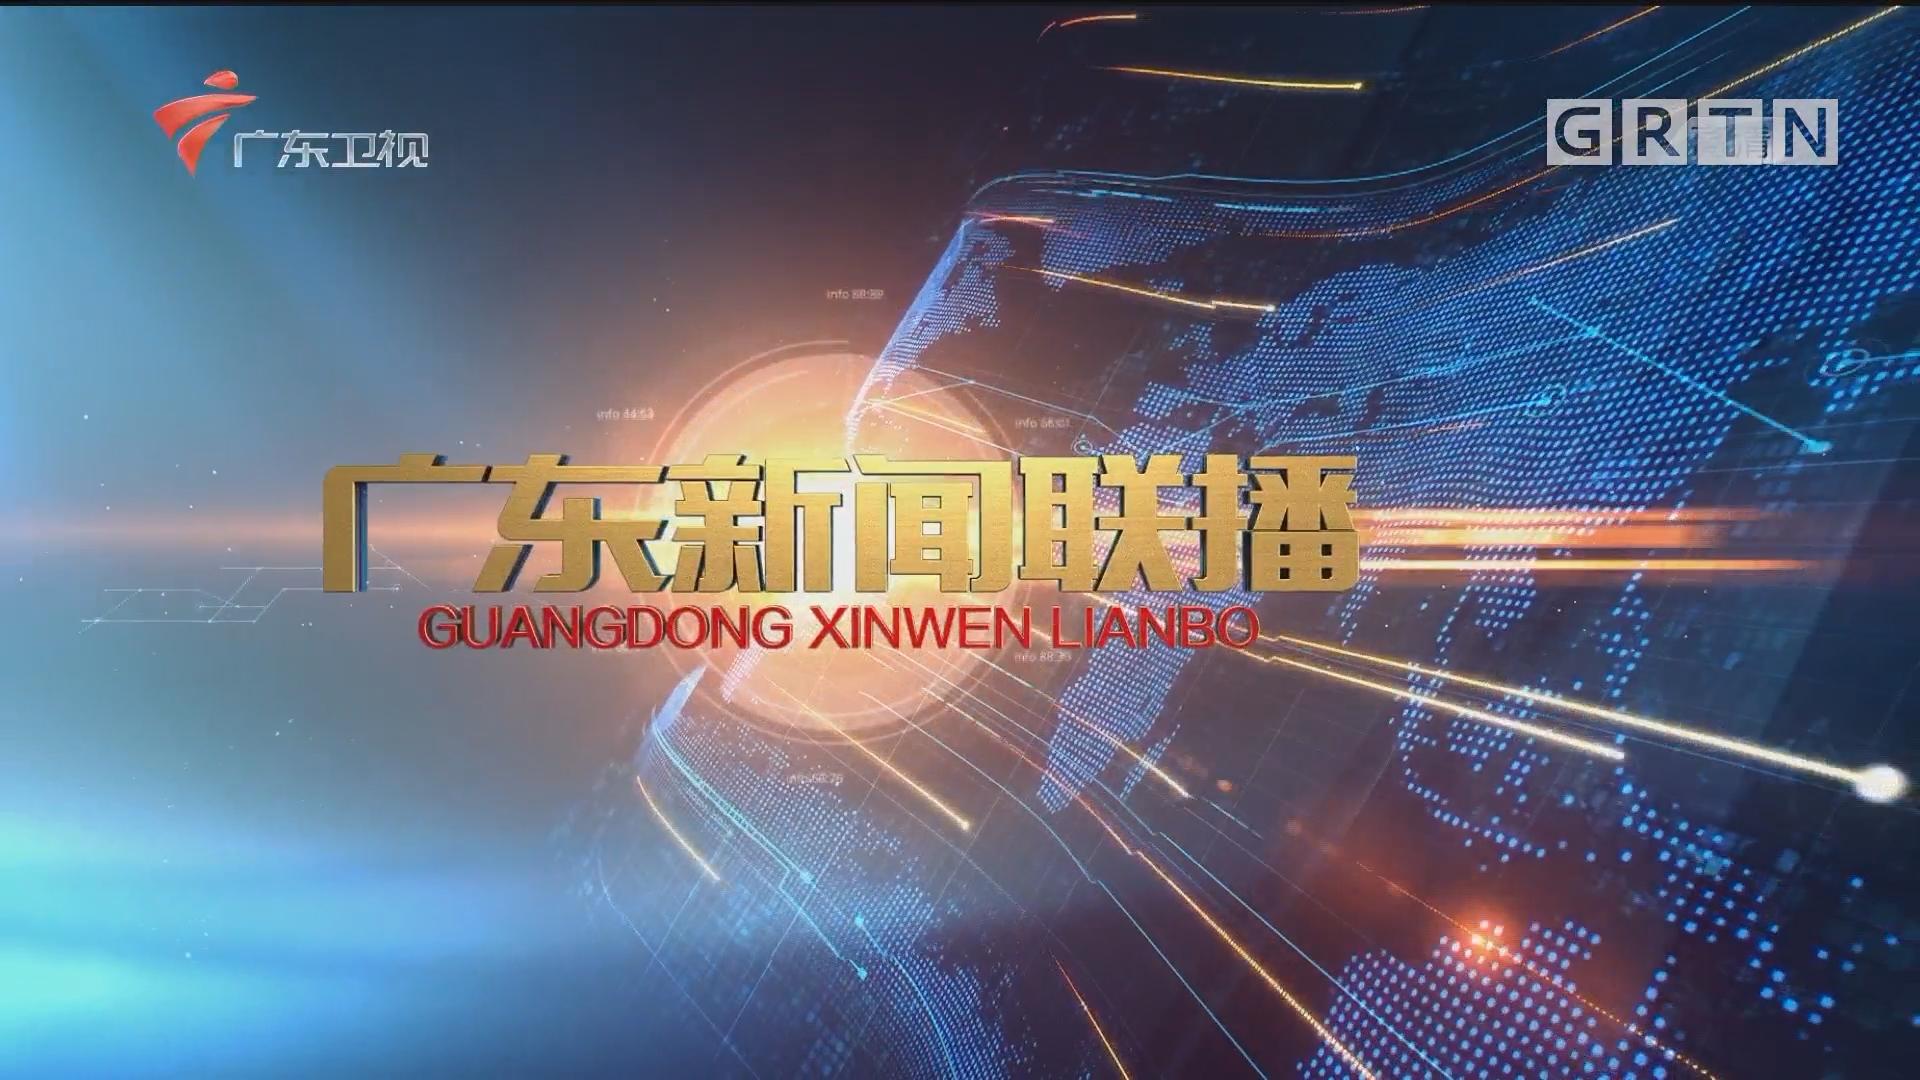 [HD][2017-11-14]广东新闻联播:开放促发展·创新赢未来 第五届世界客商大会在梅州开幕